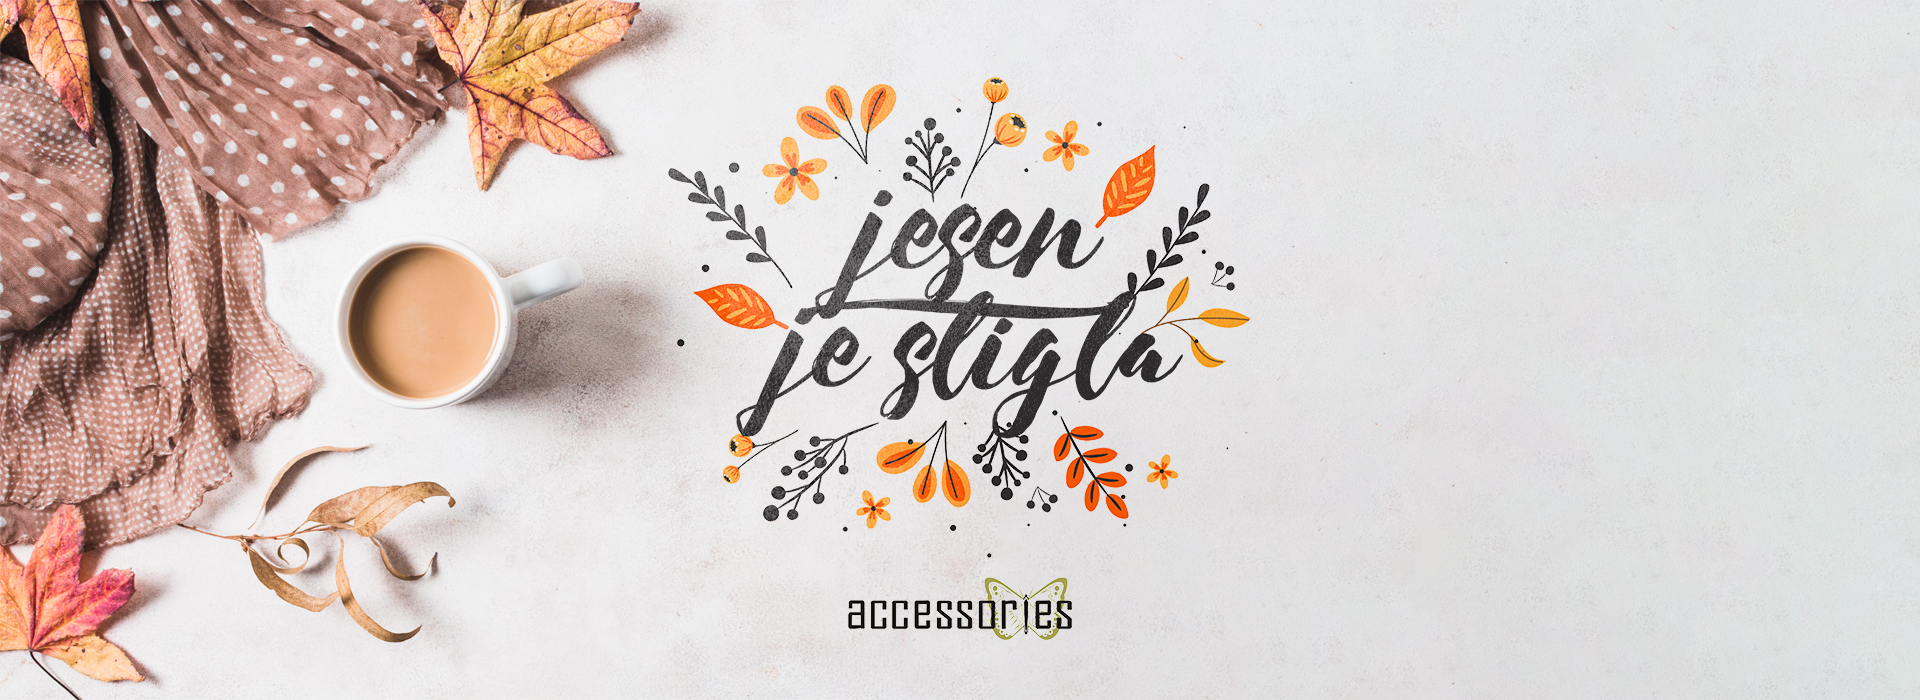 slider-accessories-jesen2019